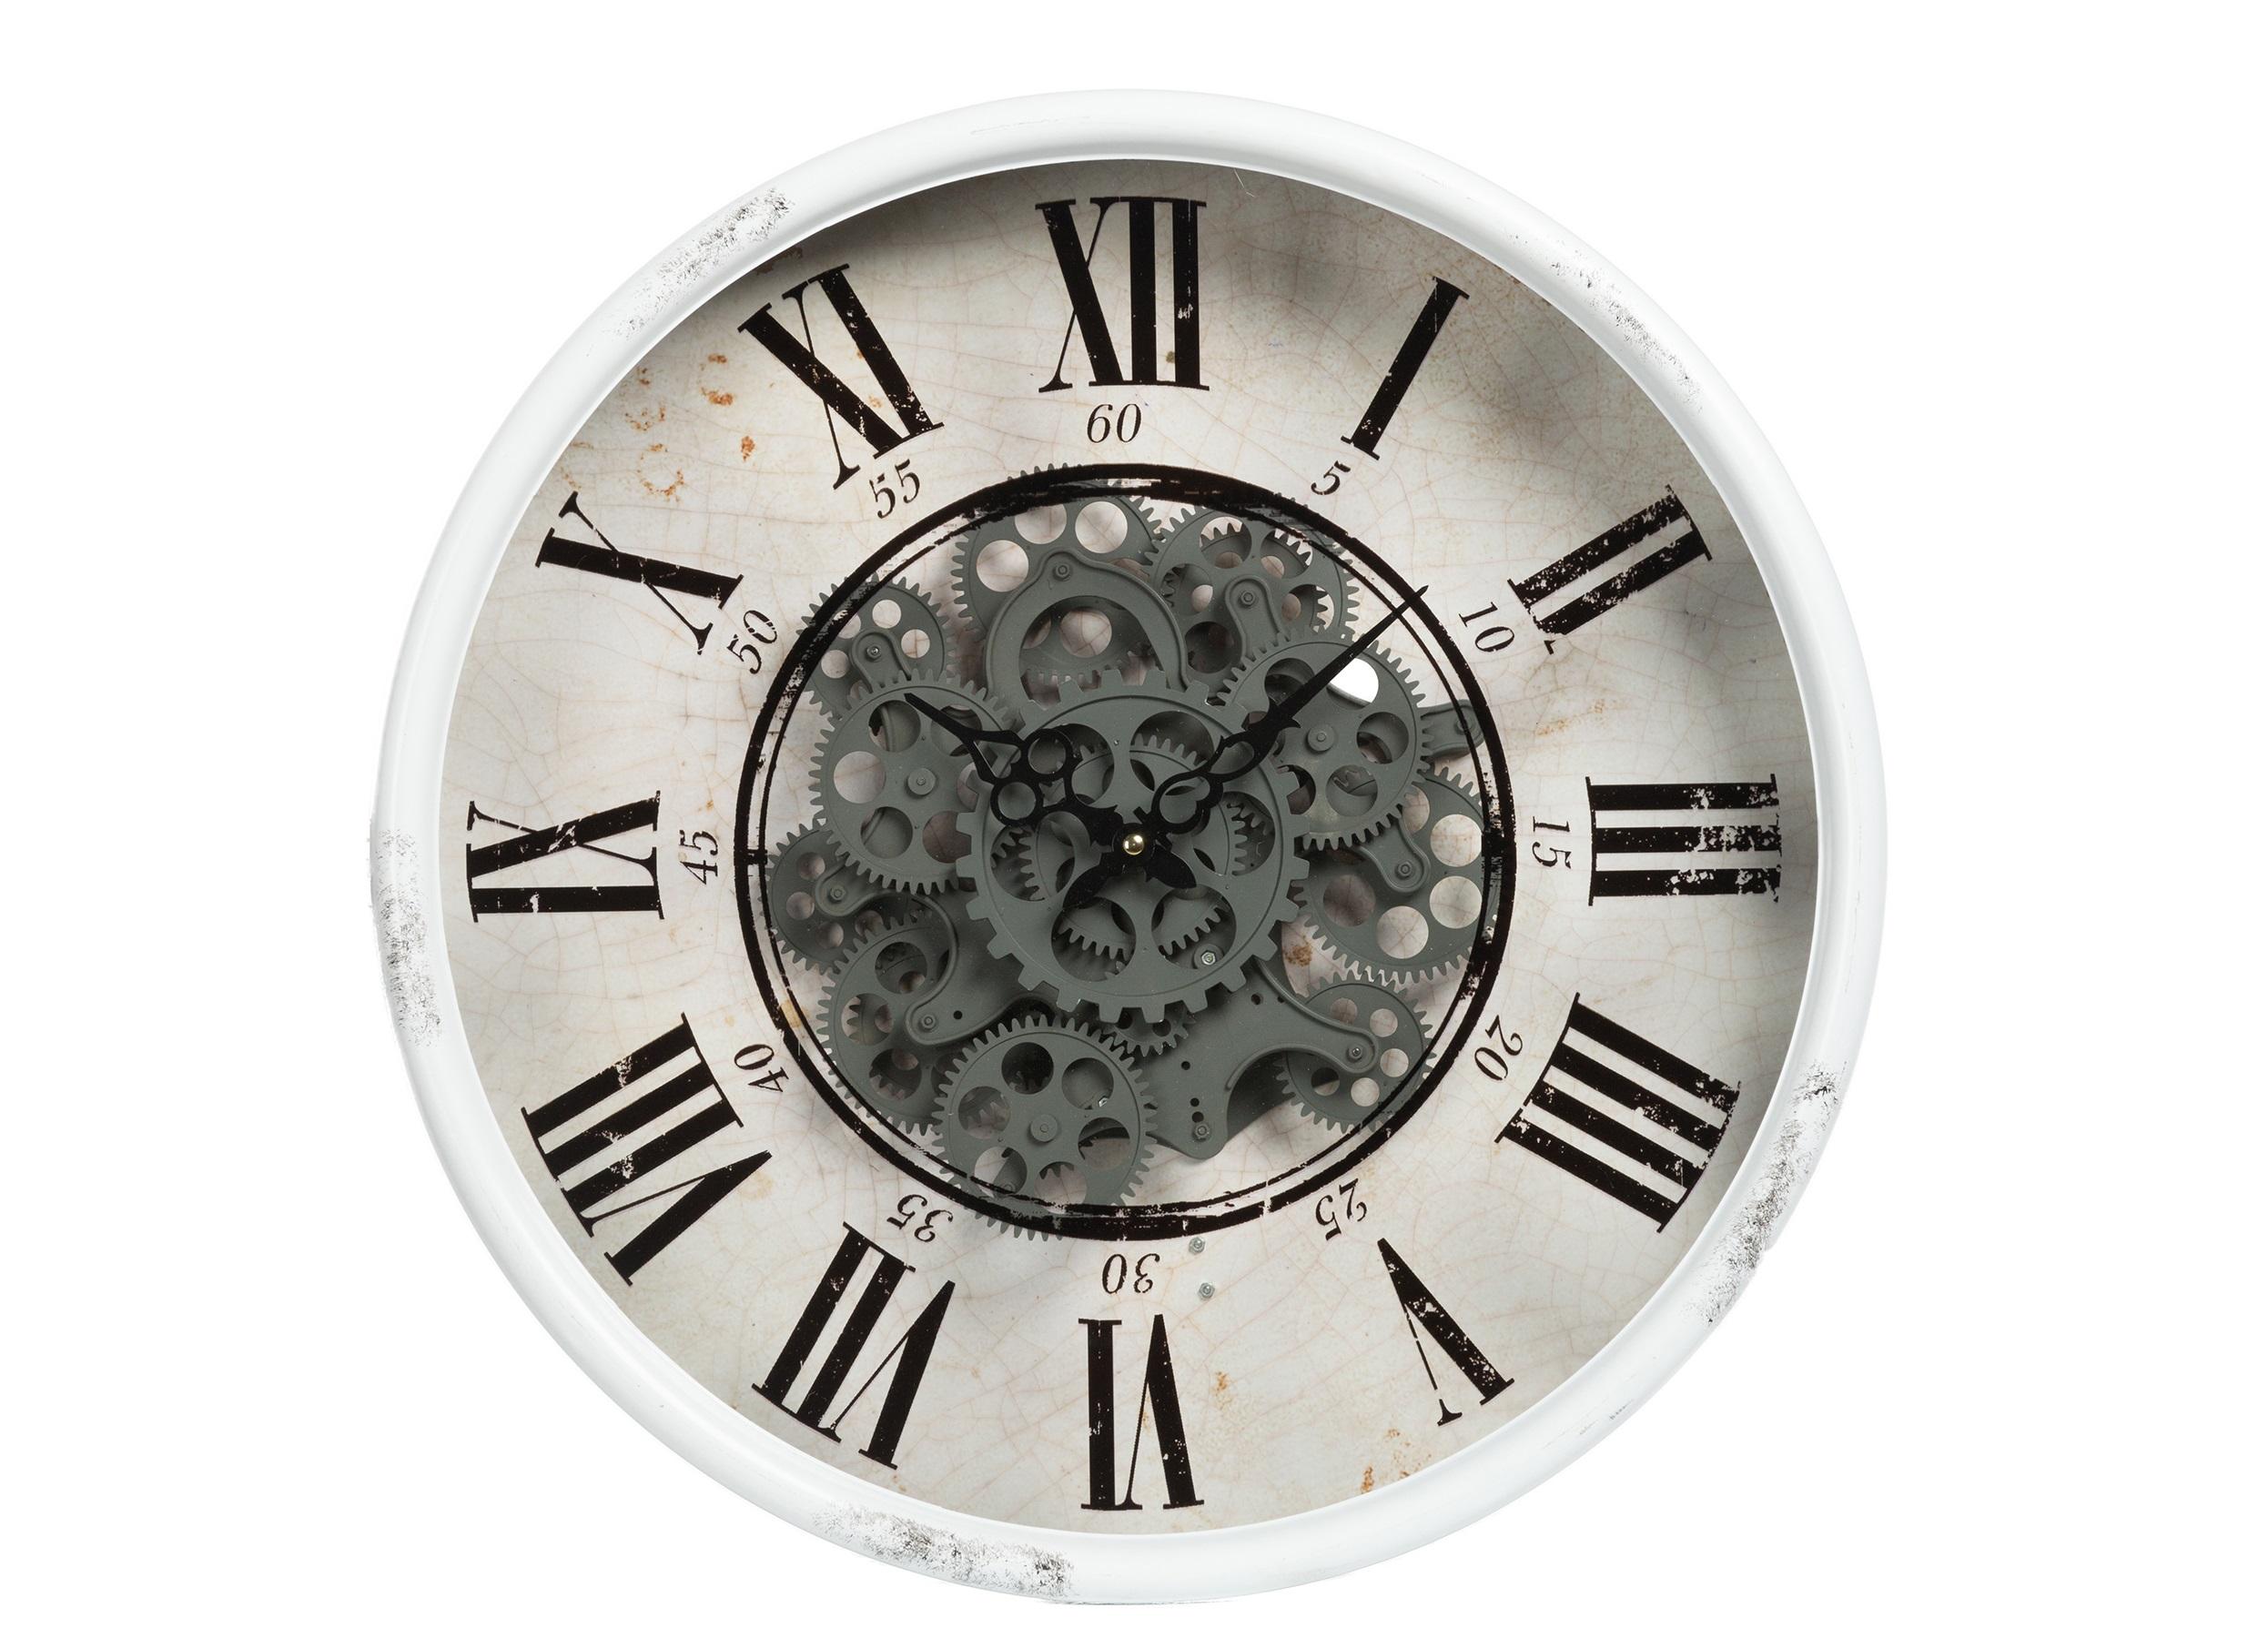 Часы настенные OtisНастенные часы<br>&amp;lt;div&amp;gt;Кварцевый механизм&amp;lt;/div&amp;gt;&amp;lt;div&amp;gt;&amp;lt;br&amp;gt;&amp;lt;/div&amp;gt;<br><br>Material: Металл<br>Length см: None<br>Width см: None<br>Height см: 13,5<br>Diameter см: 50